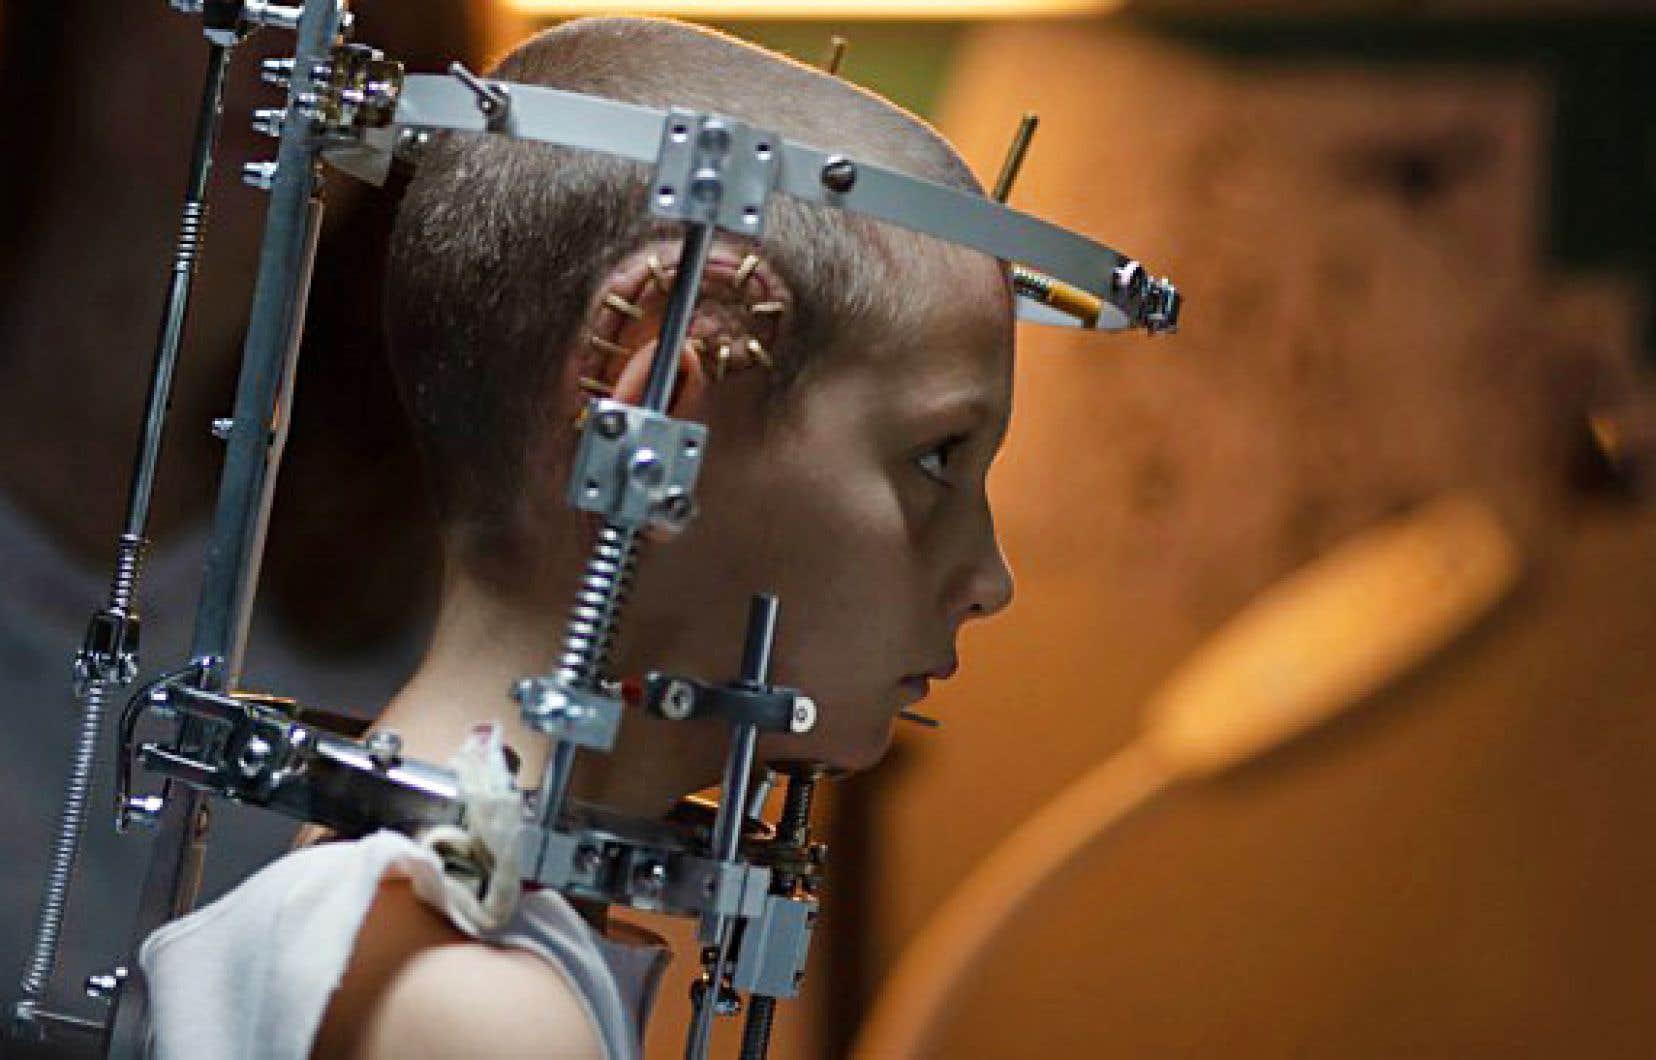 Le film met en scène Alexia, qu'un accident de voiture subi durant l'enfance a laissée avec une plaque de titane vissée au crâne.